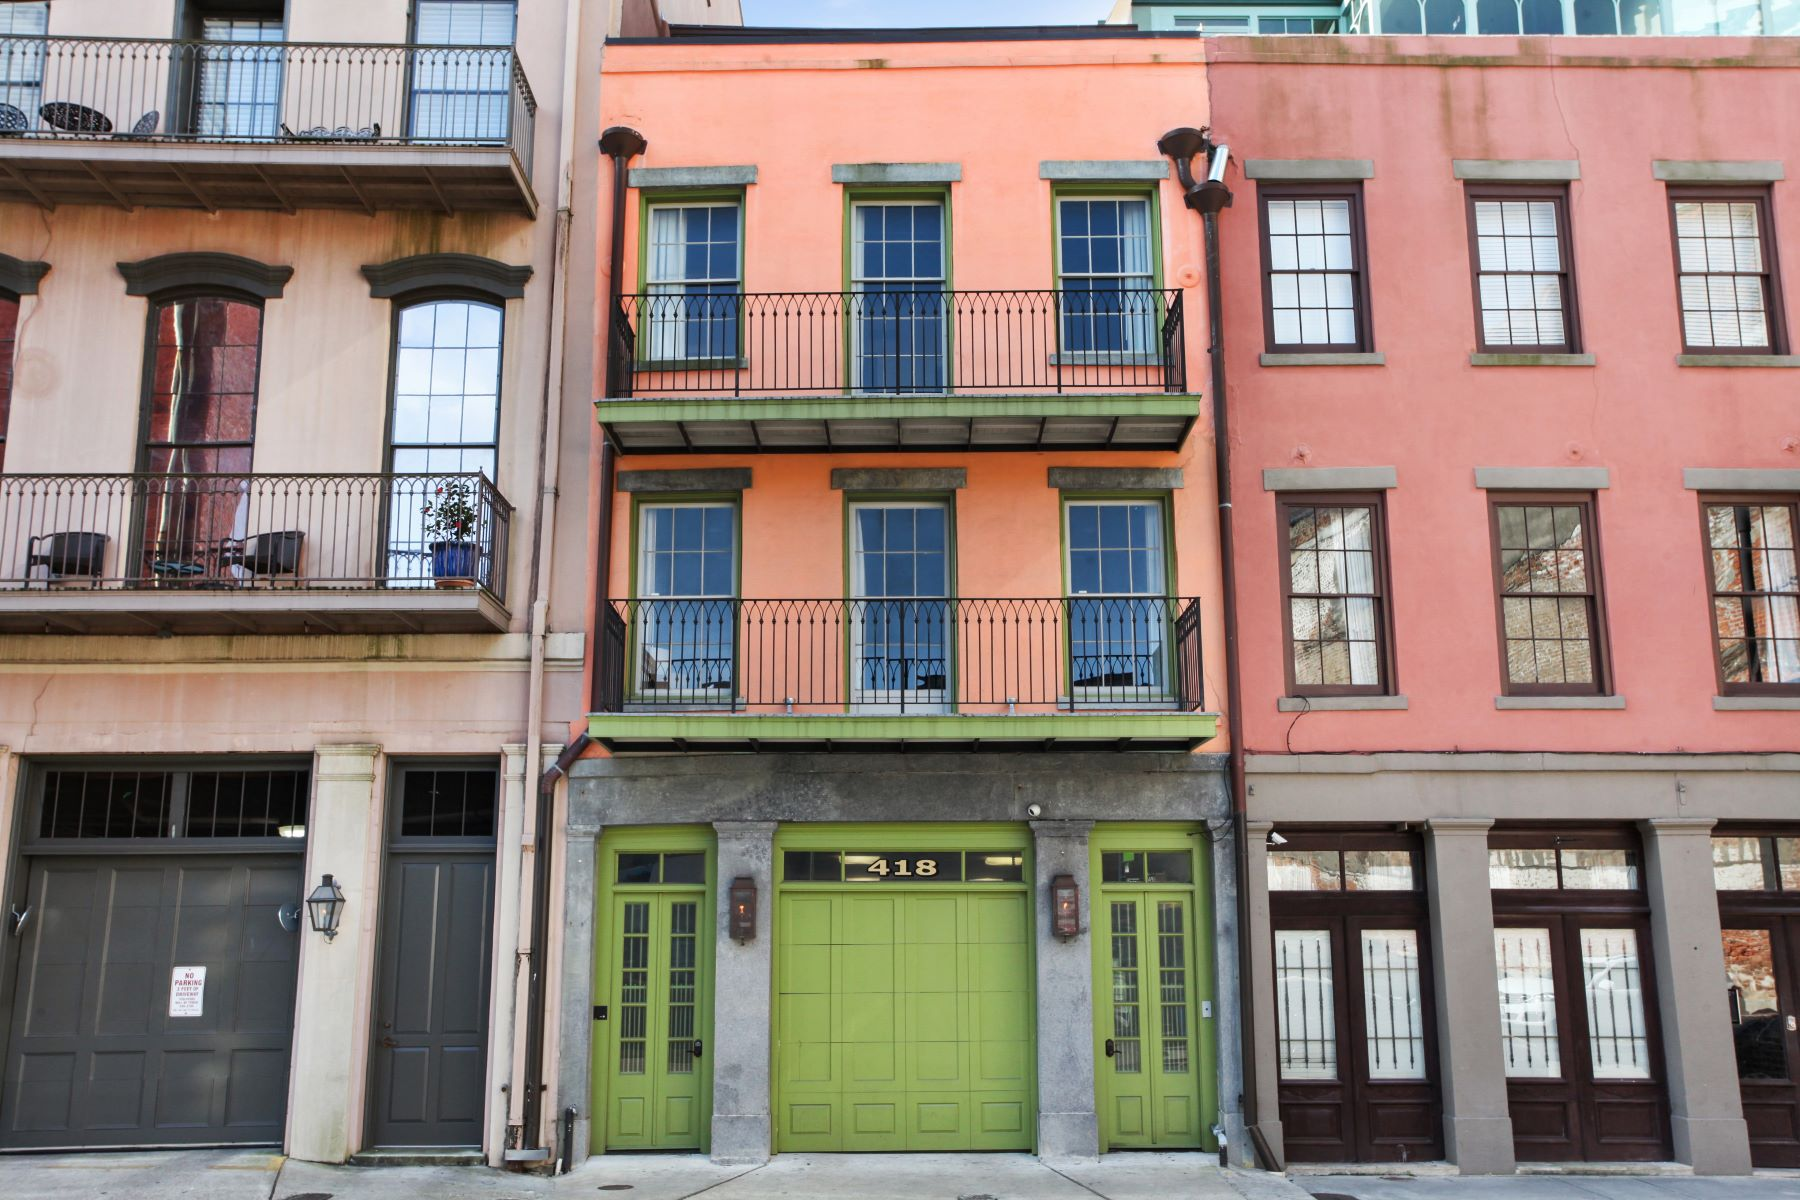 Proprietà in vendita New Orleans